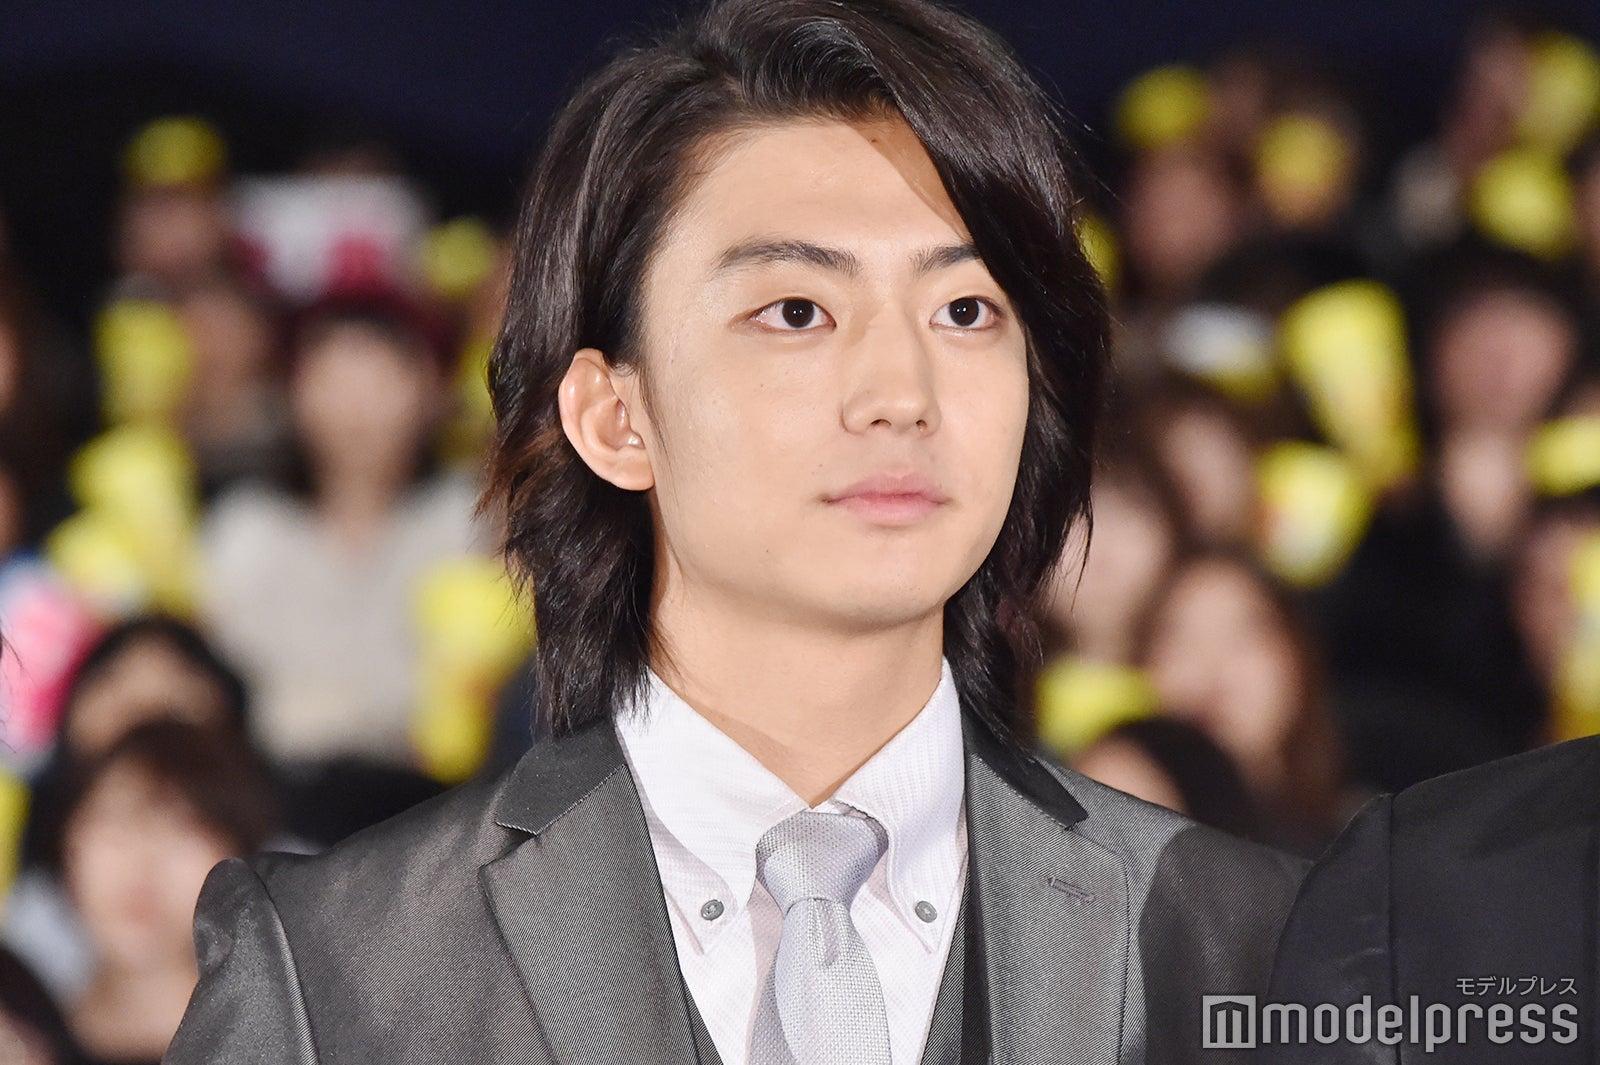 伊藤健太郎、長髪バッサリ 爽やかすぎる\u201c髪切りました動画\u201dにファン歓喜 , モデルプレス